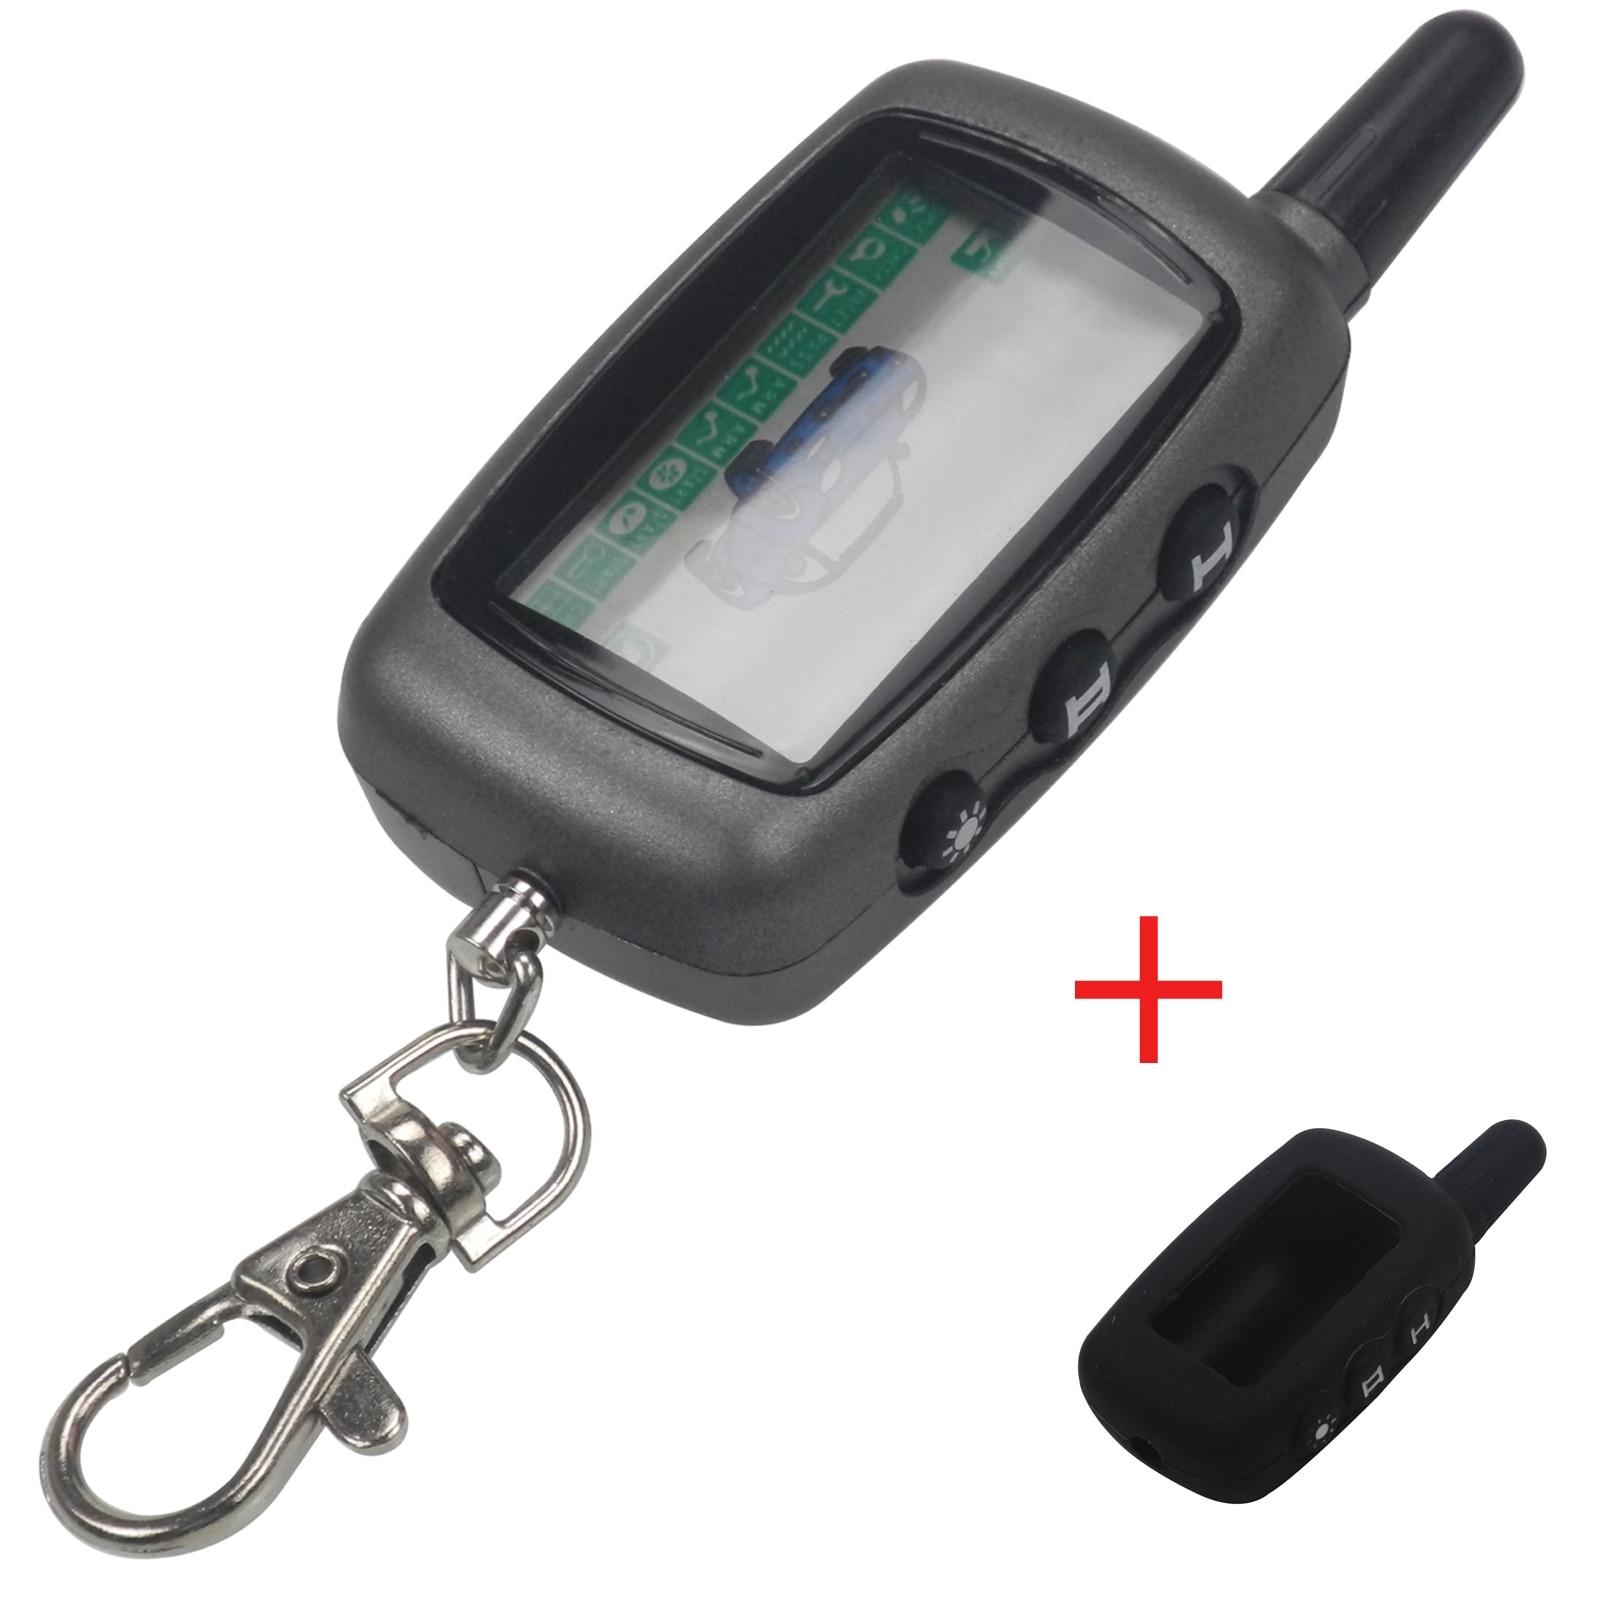 Kutery pour Véhicule de Sécurité Deux Voies Alarme De Voiture StarLine A9 Clé Chaîne Système D'alarme Pour Voitures A9 LCD Télécommande porte-clés